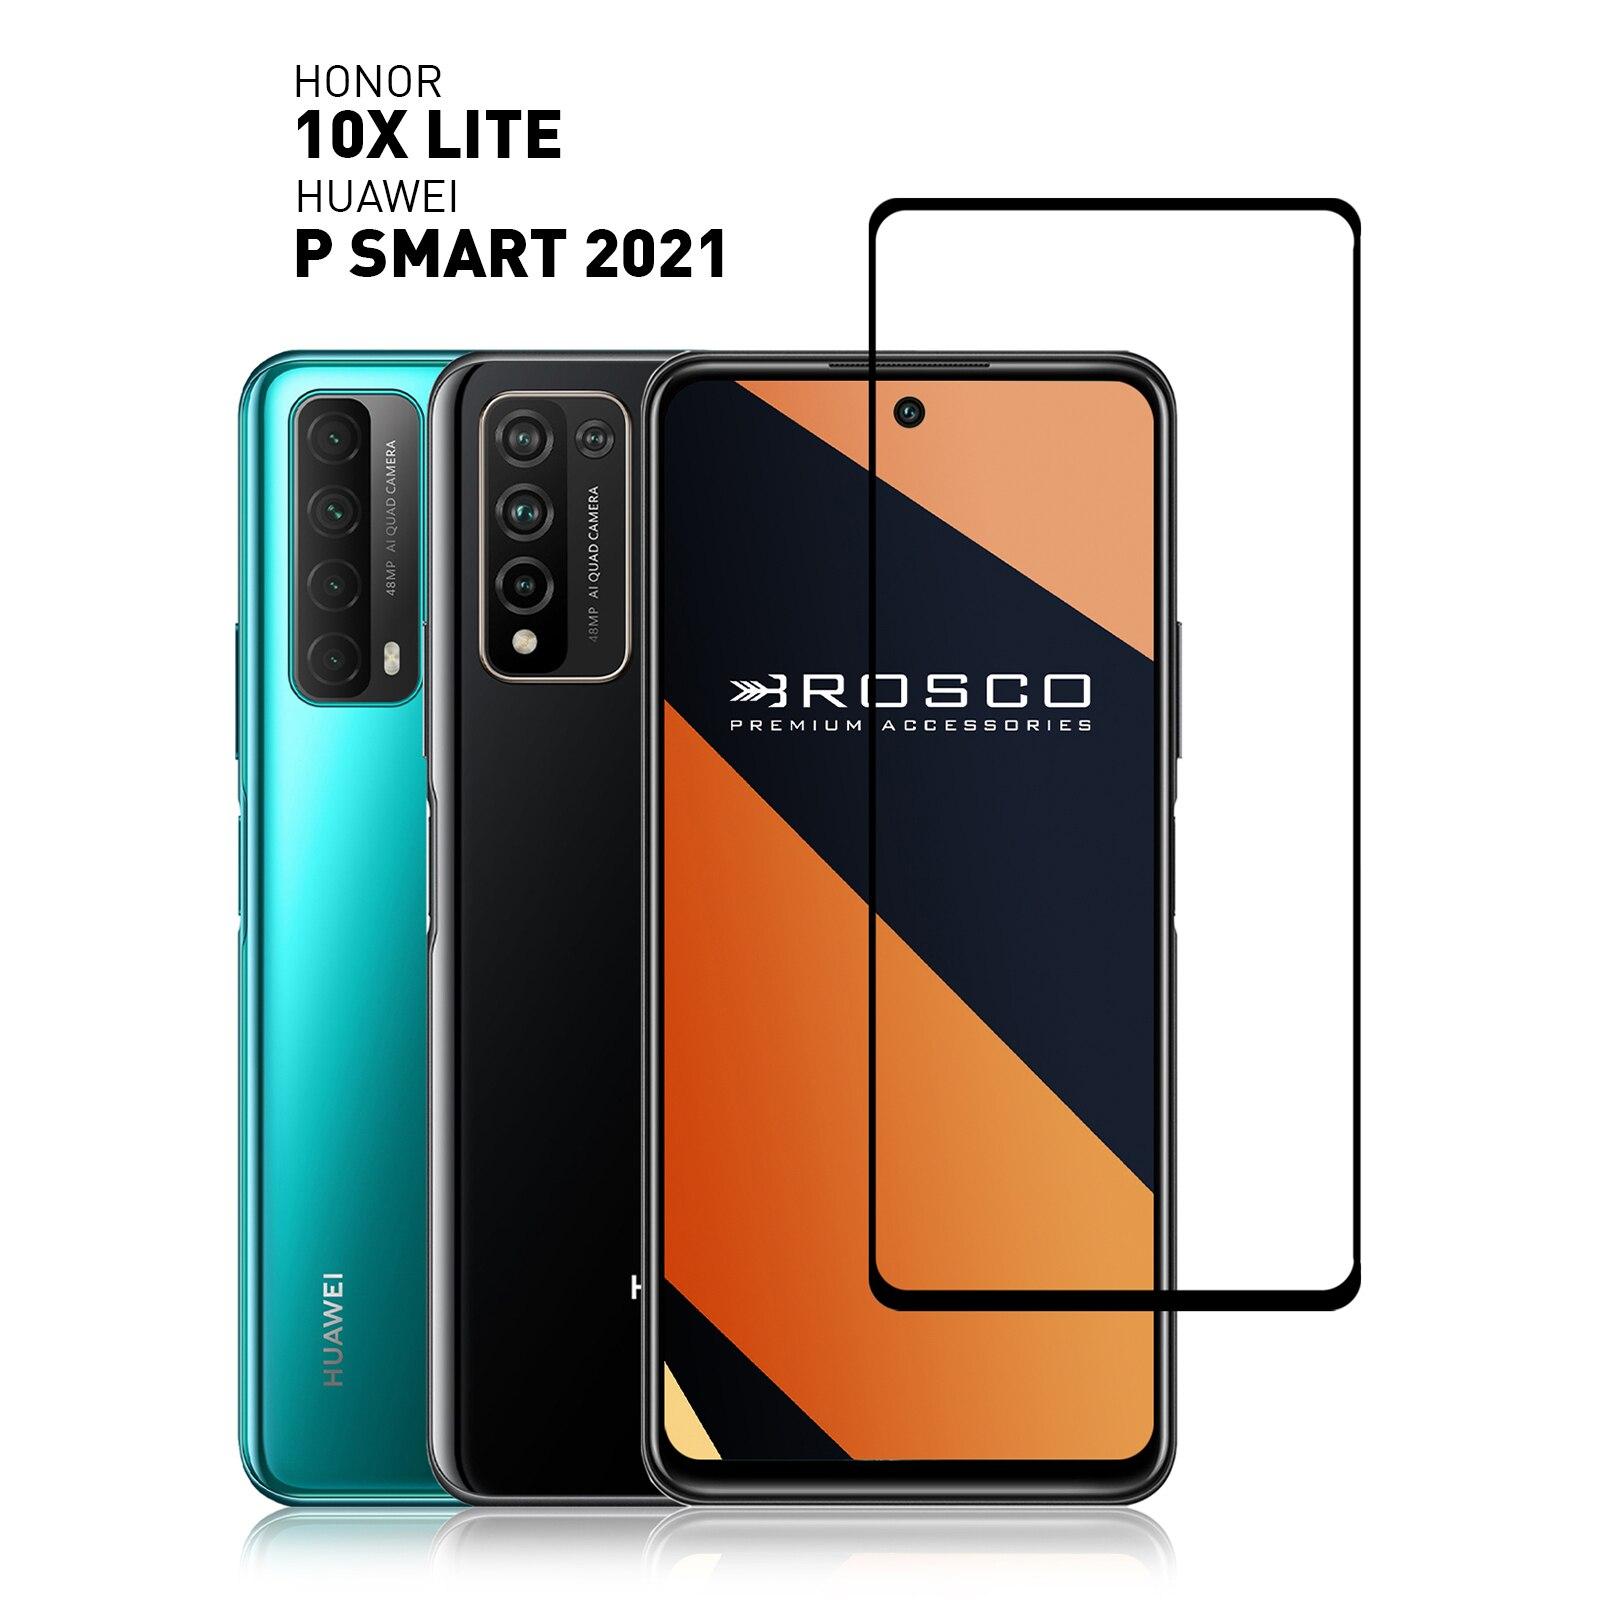 Защитное стекло с рамкой для Honor 10X Lite и Huawei P Smart 2021, прочное, легко приклеивается Защитные стёкла и плёнки    АлиЭкспресс